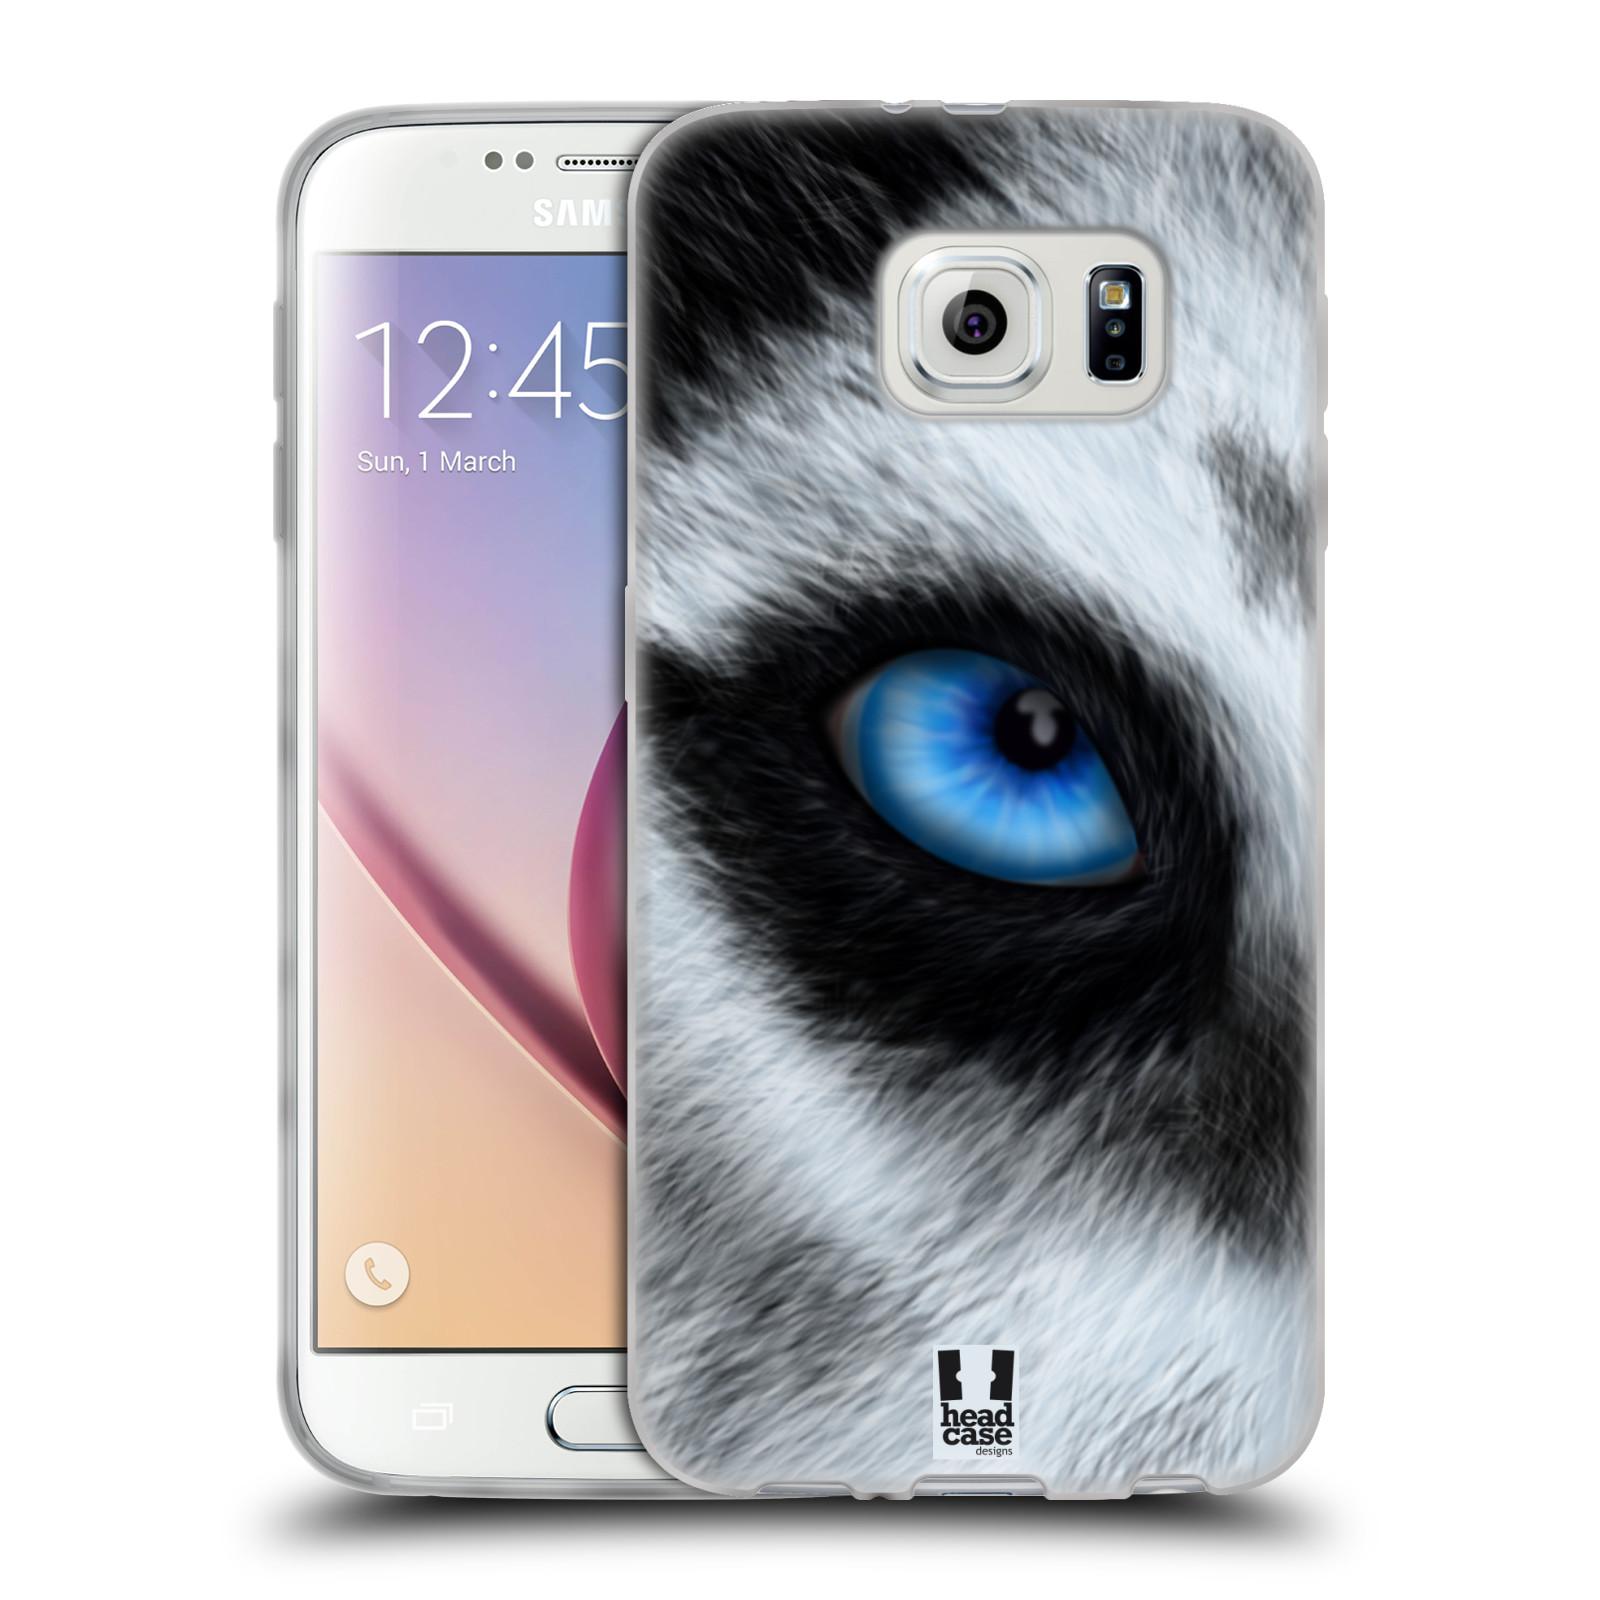 HEAD CASE silikonový obal na mobil Samsung Galaxy S6 vzor pohled zvířete oko pes husky